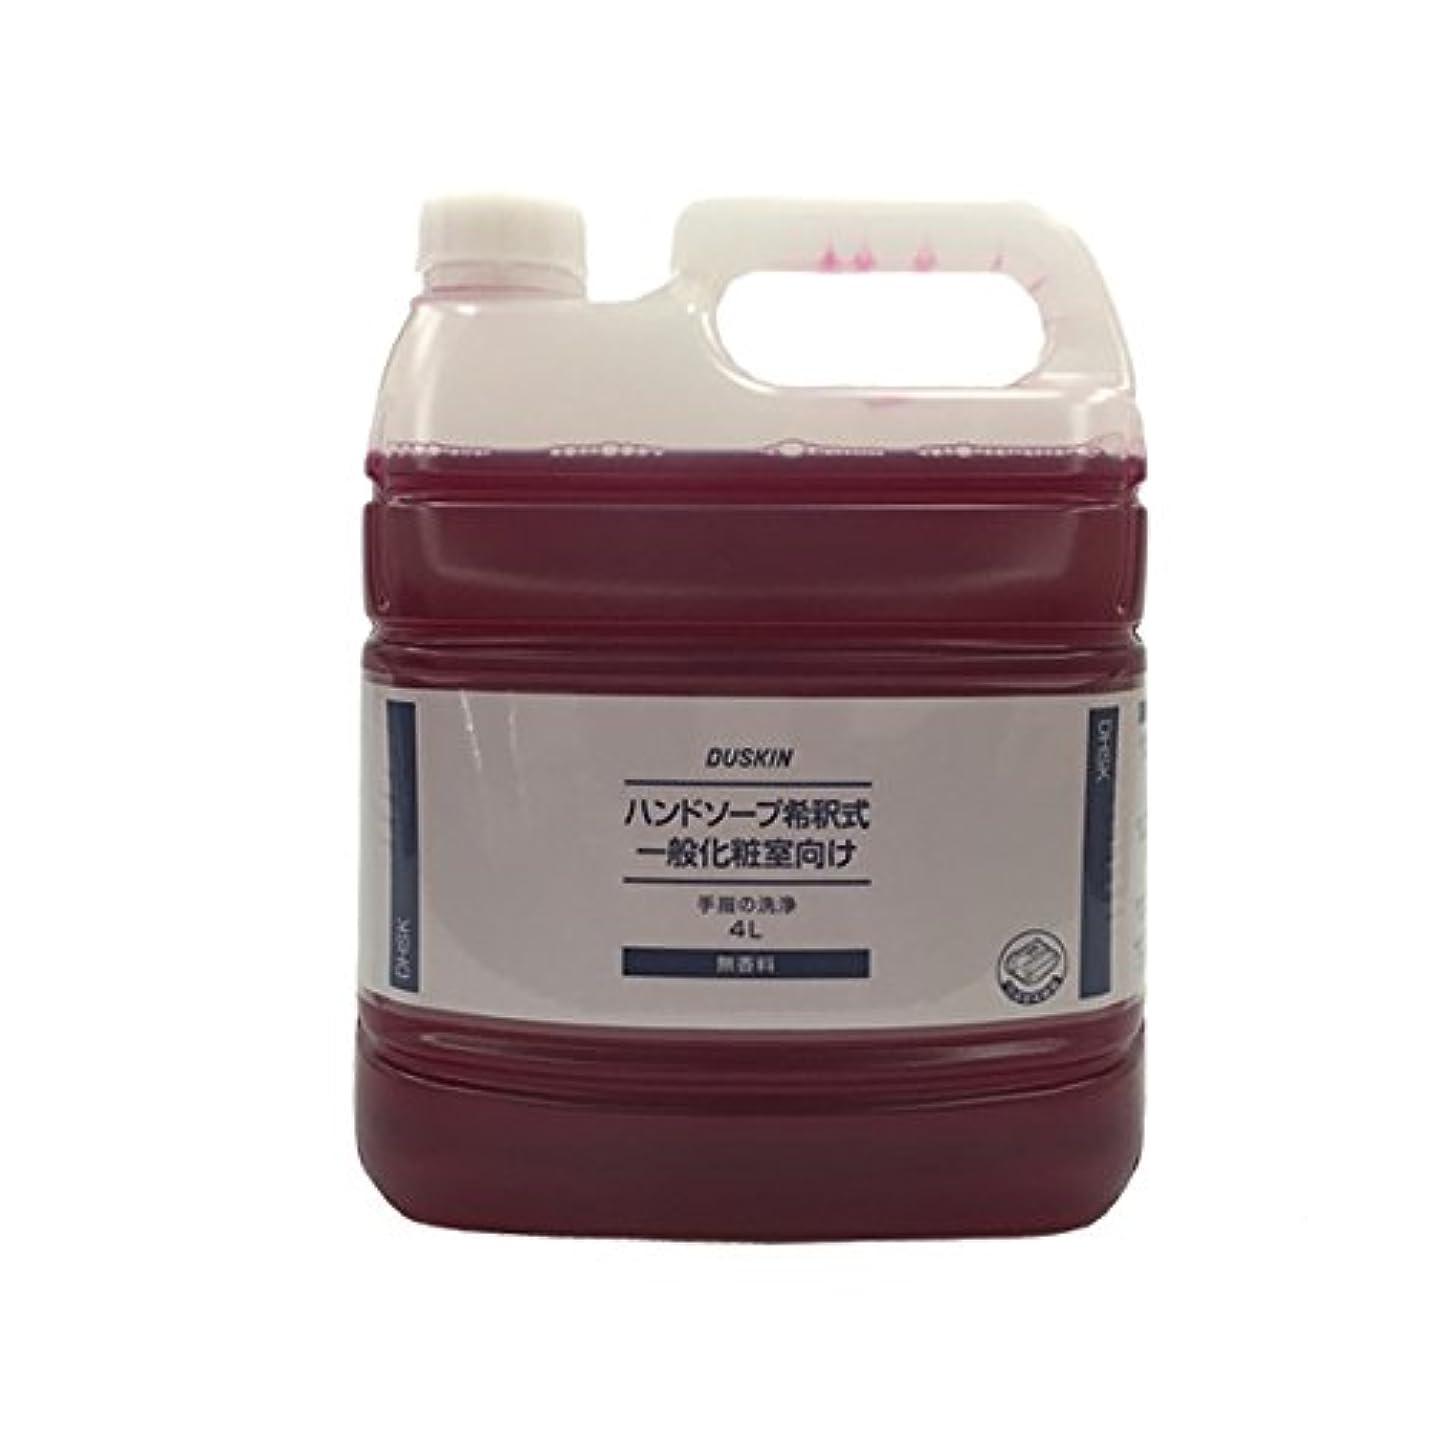 哺乳類創傷下るダスキン ハンドソープ 希釈式 一般化粧室向け 4L 無香料 プッシュポンプ別売 専用ボトル ハンドスプレー別売